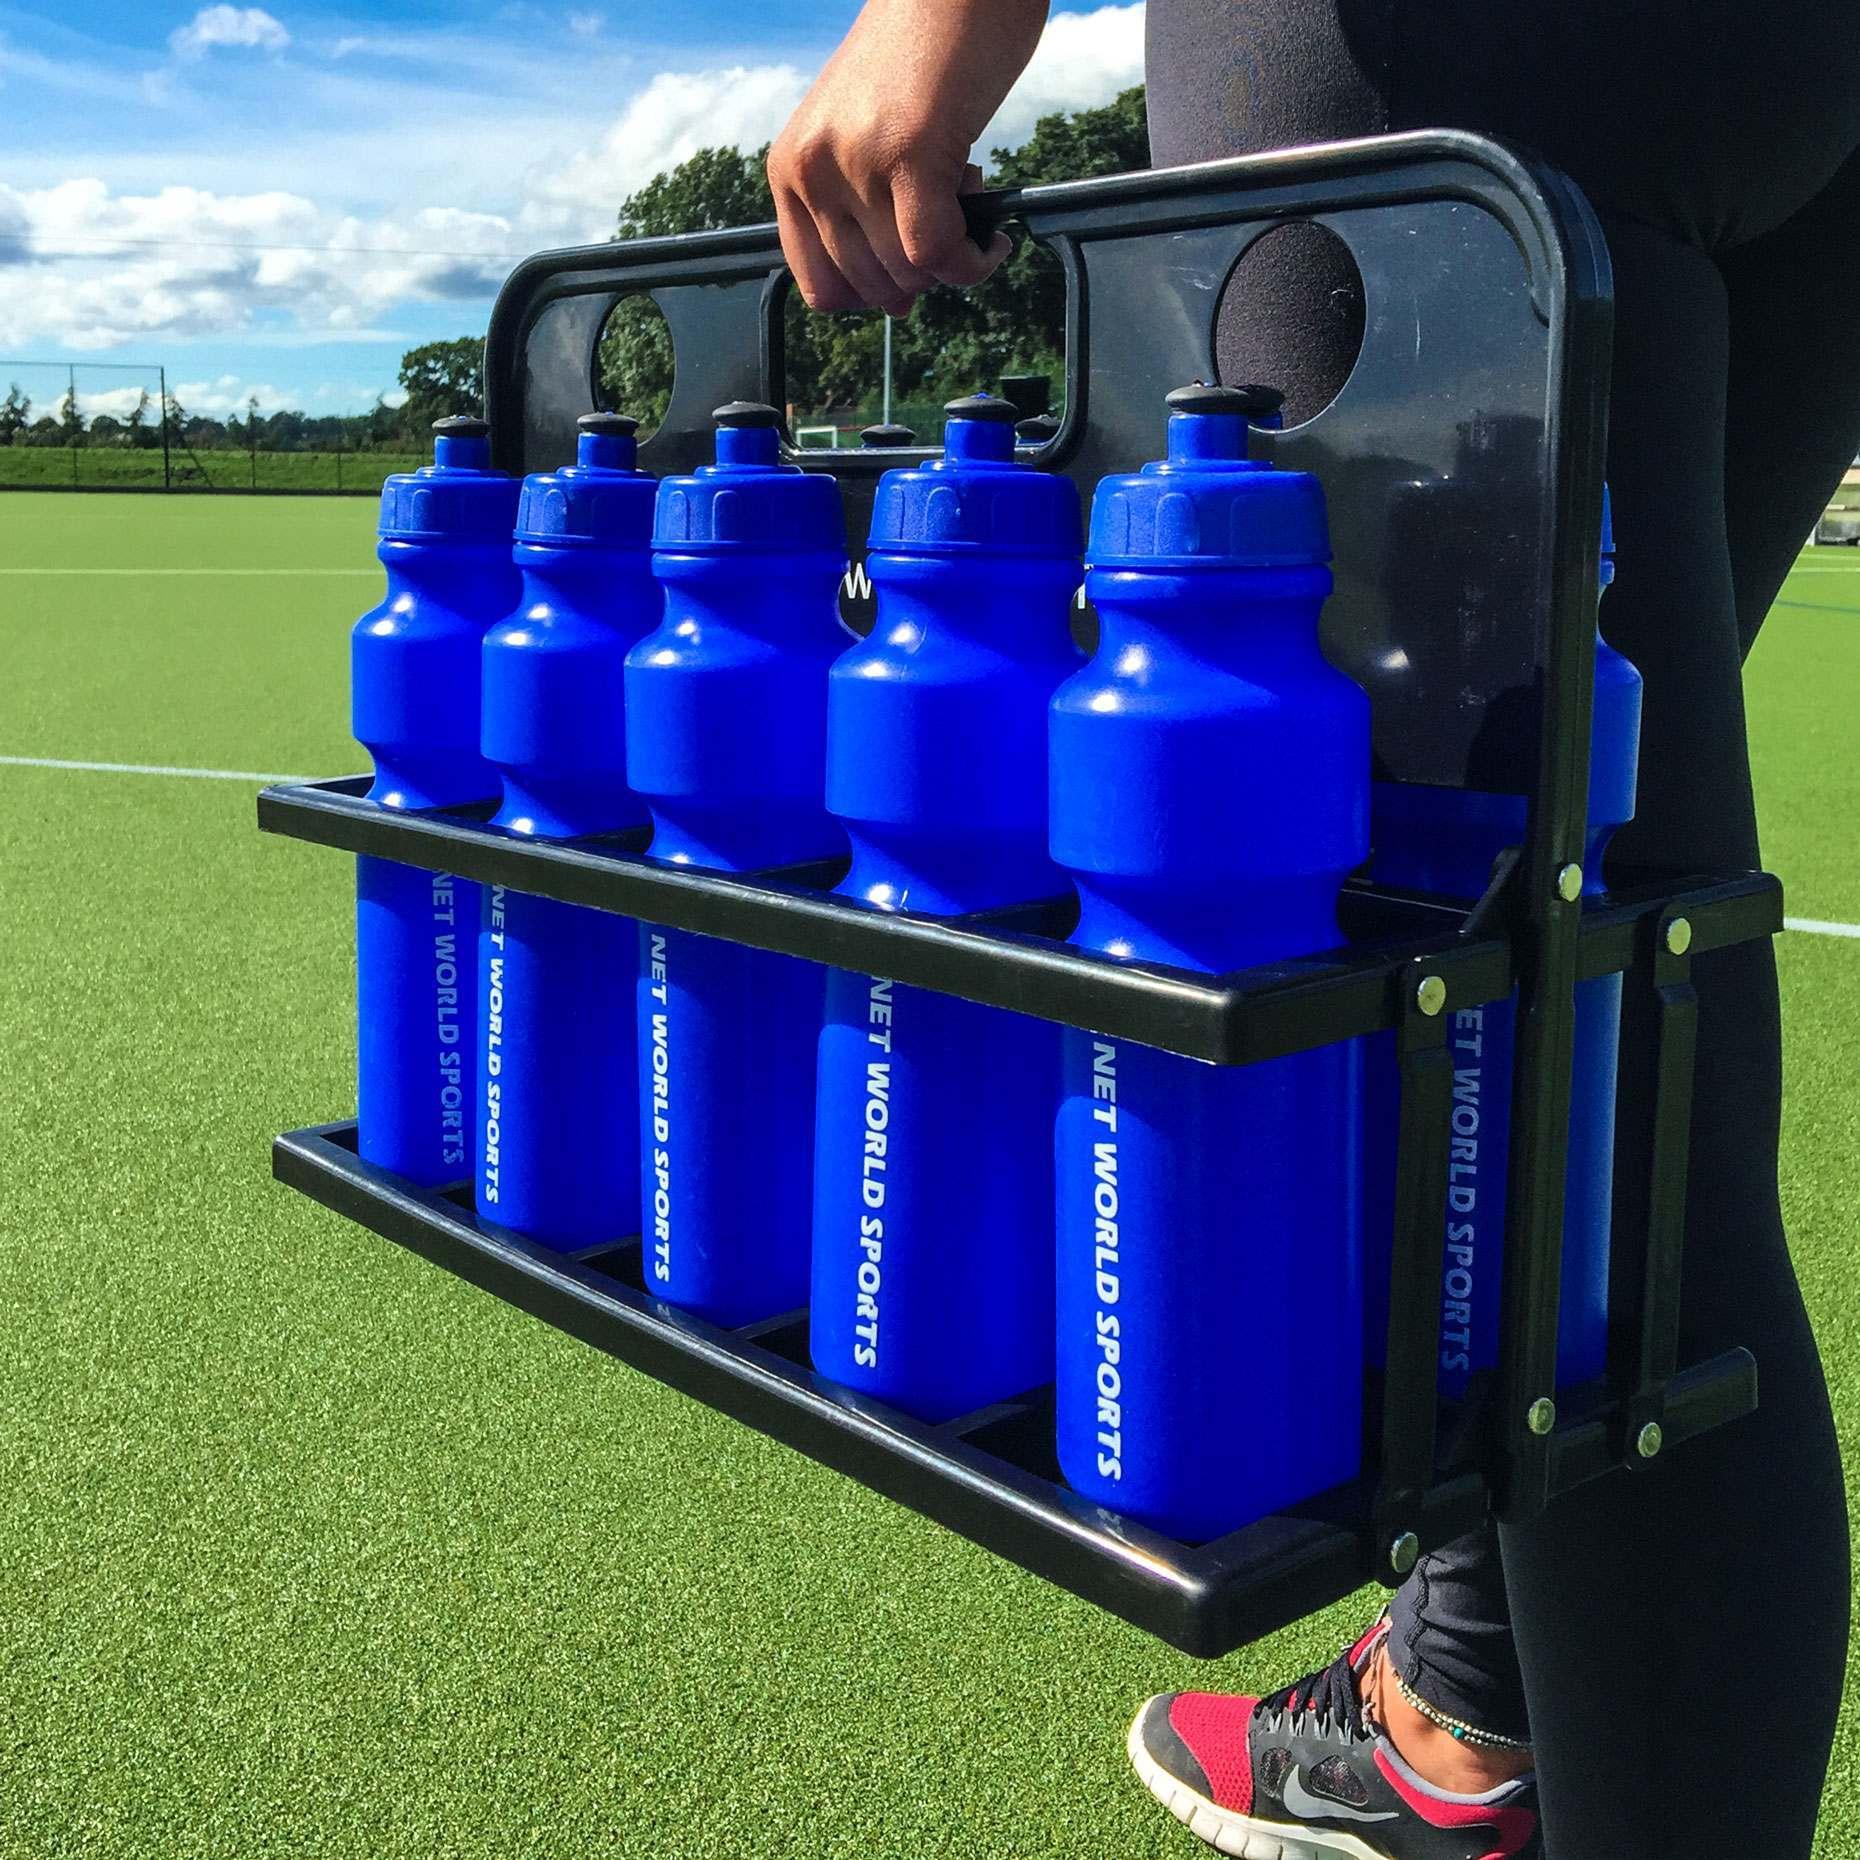 Best Sports Bottle Uk: 10 Bottles & Foldable Drinks Bottle Carrier